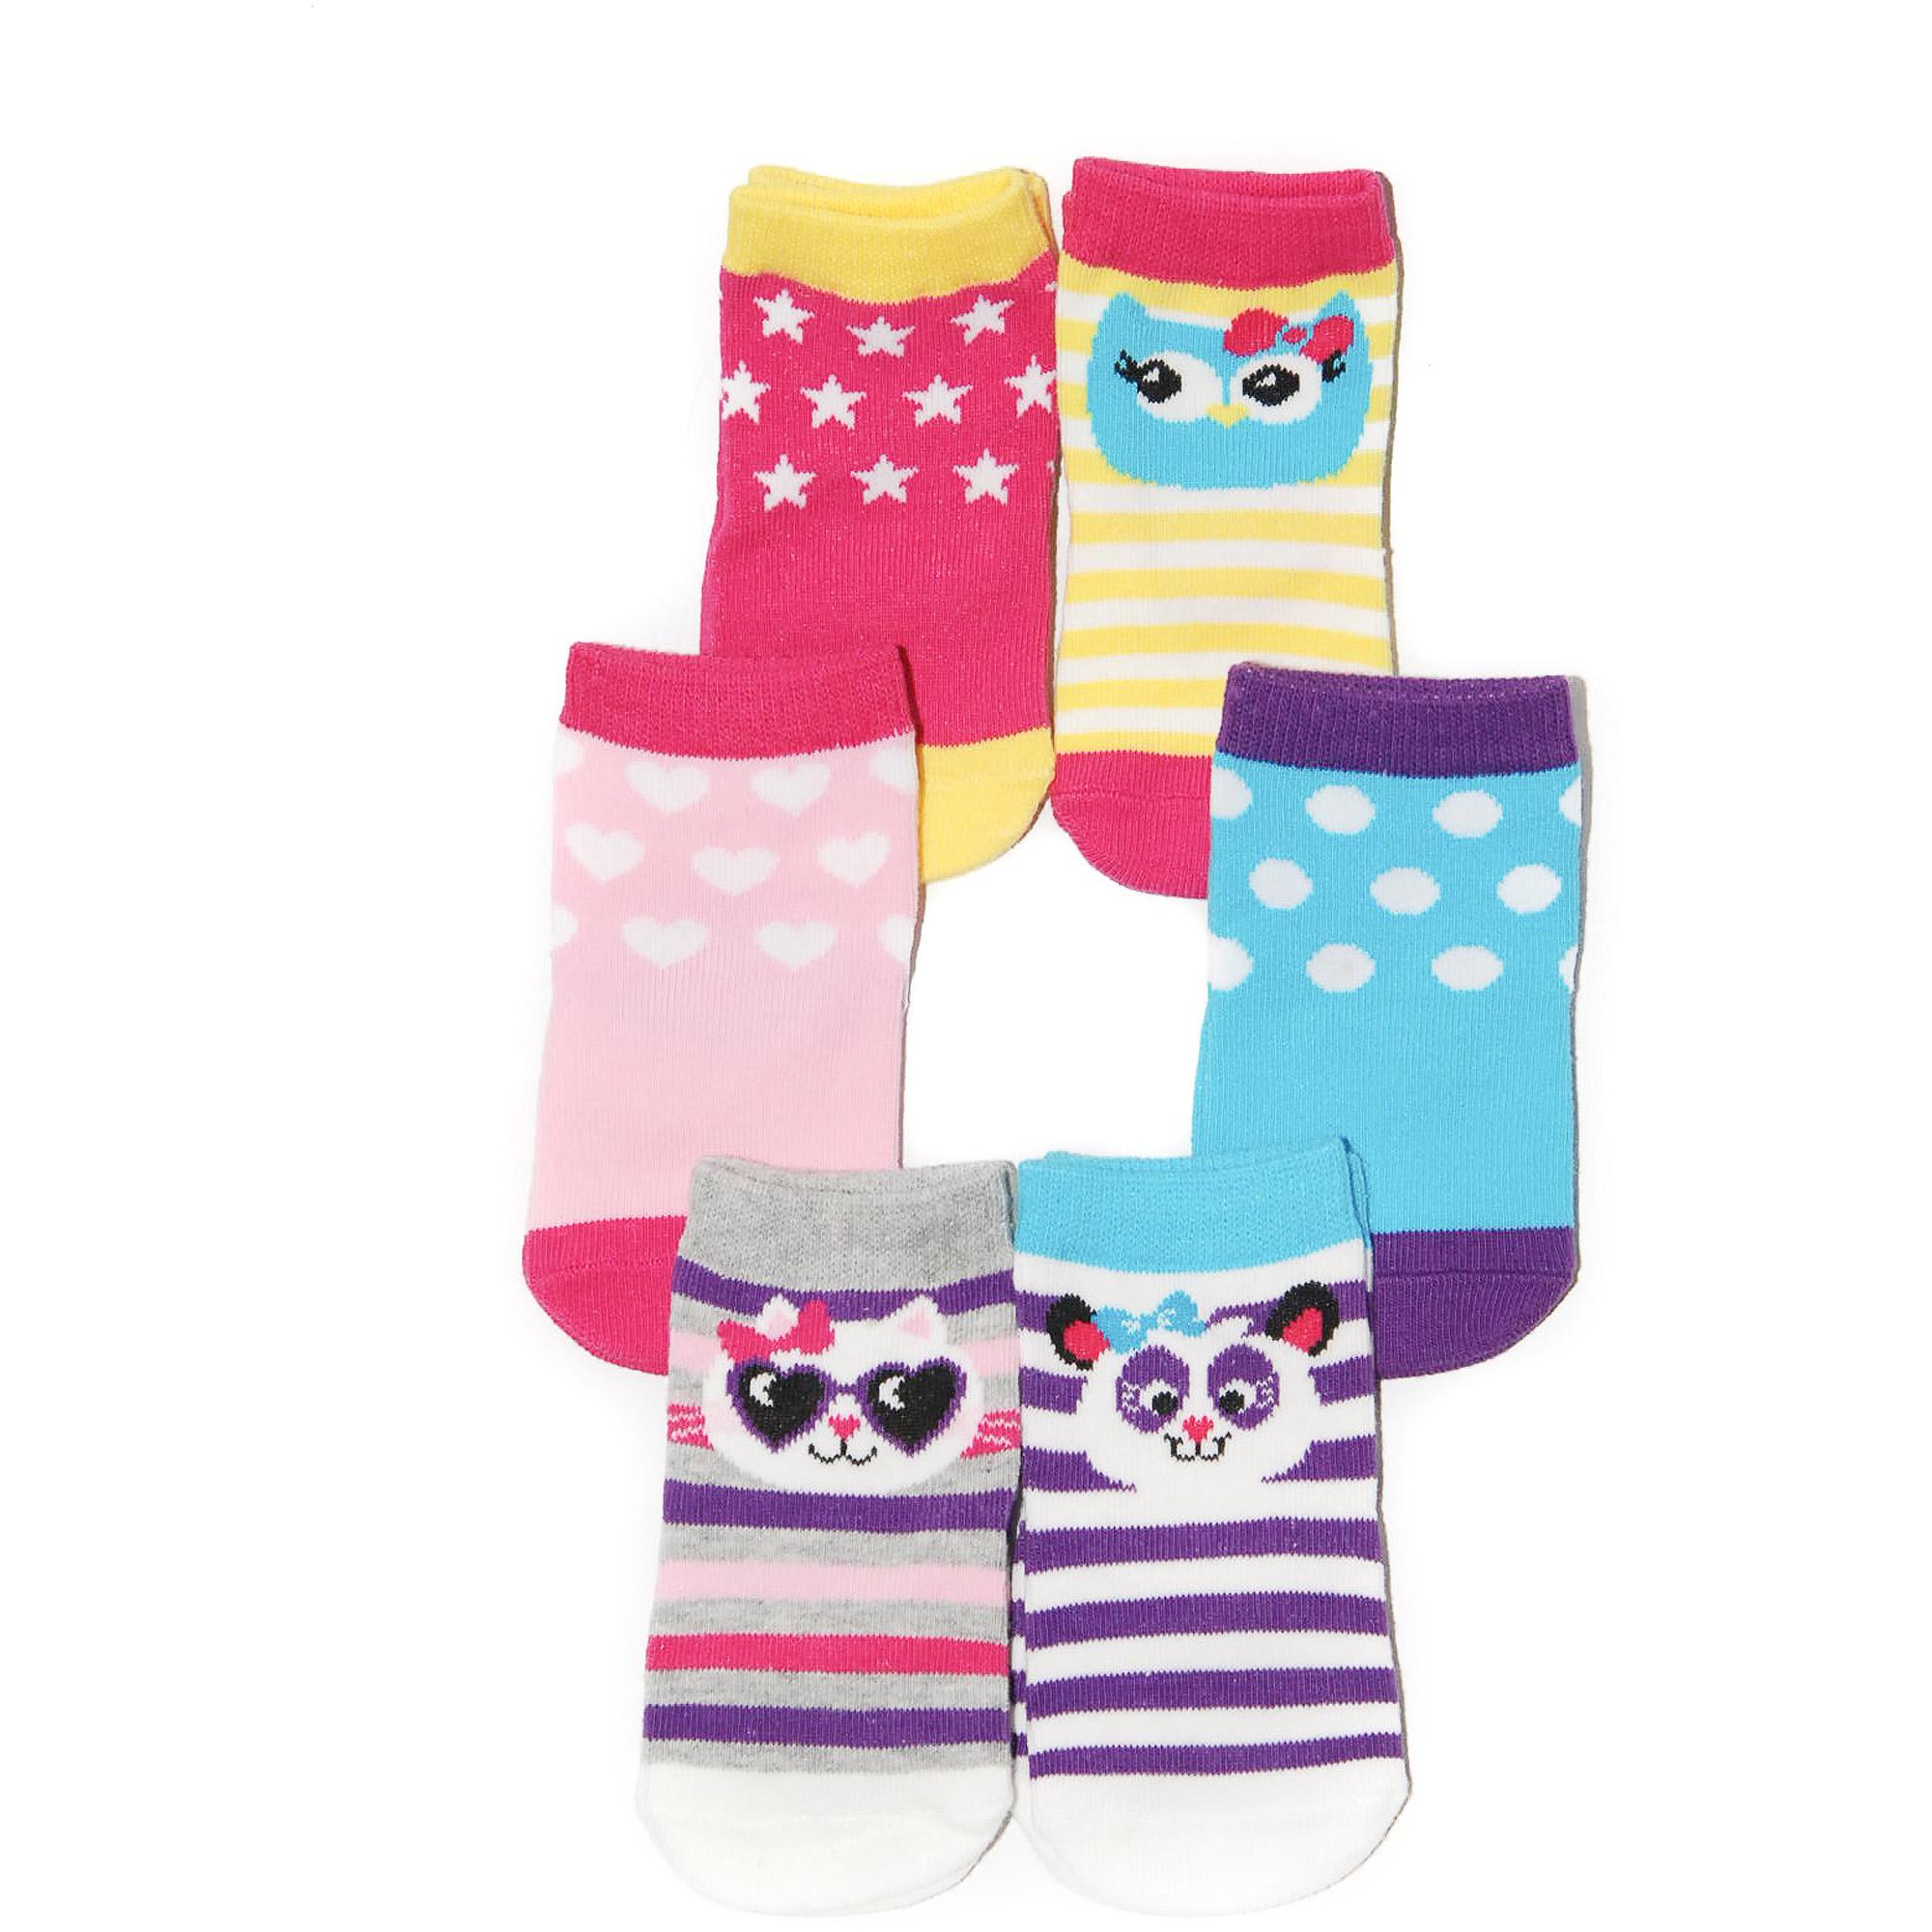 Newborn Girl Assorted Socks, 6 Pairs